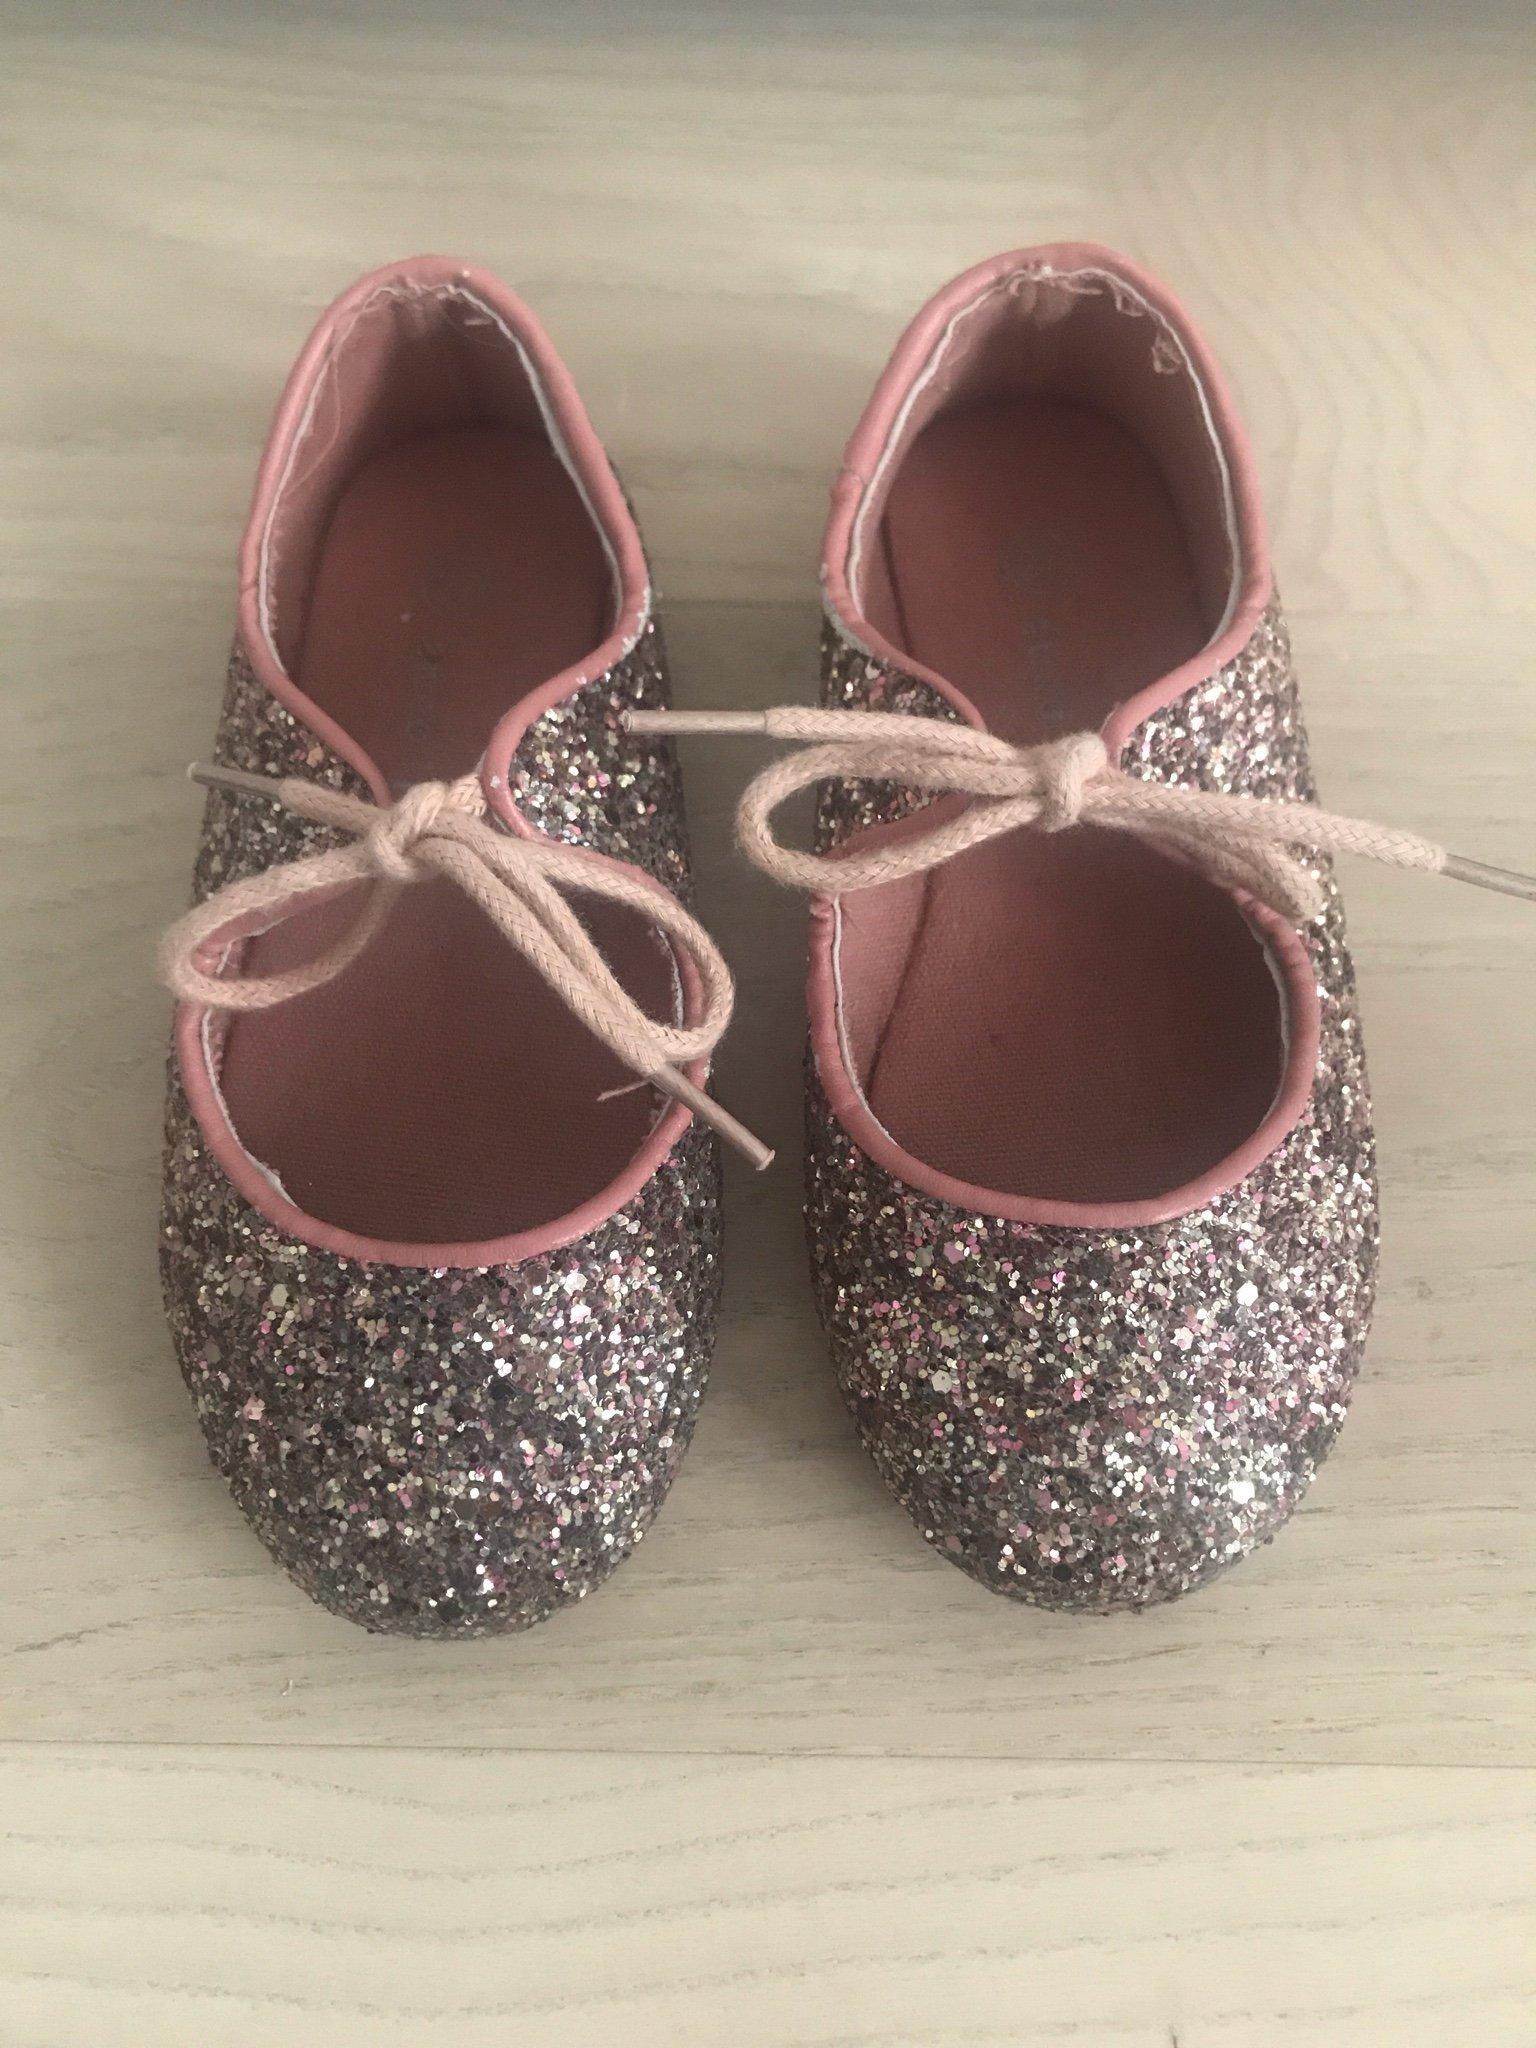 63c072c1b53 Paljettsko ballerina skor barn paljett rosa str.. (353335916) ᐈ Köp ...